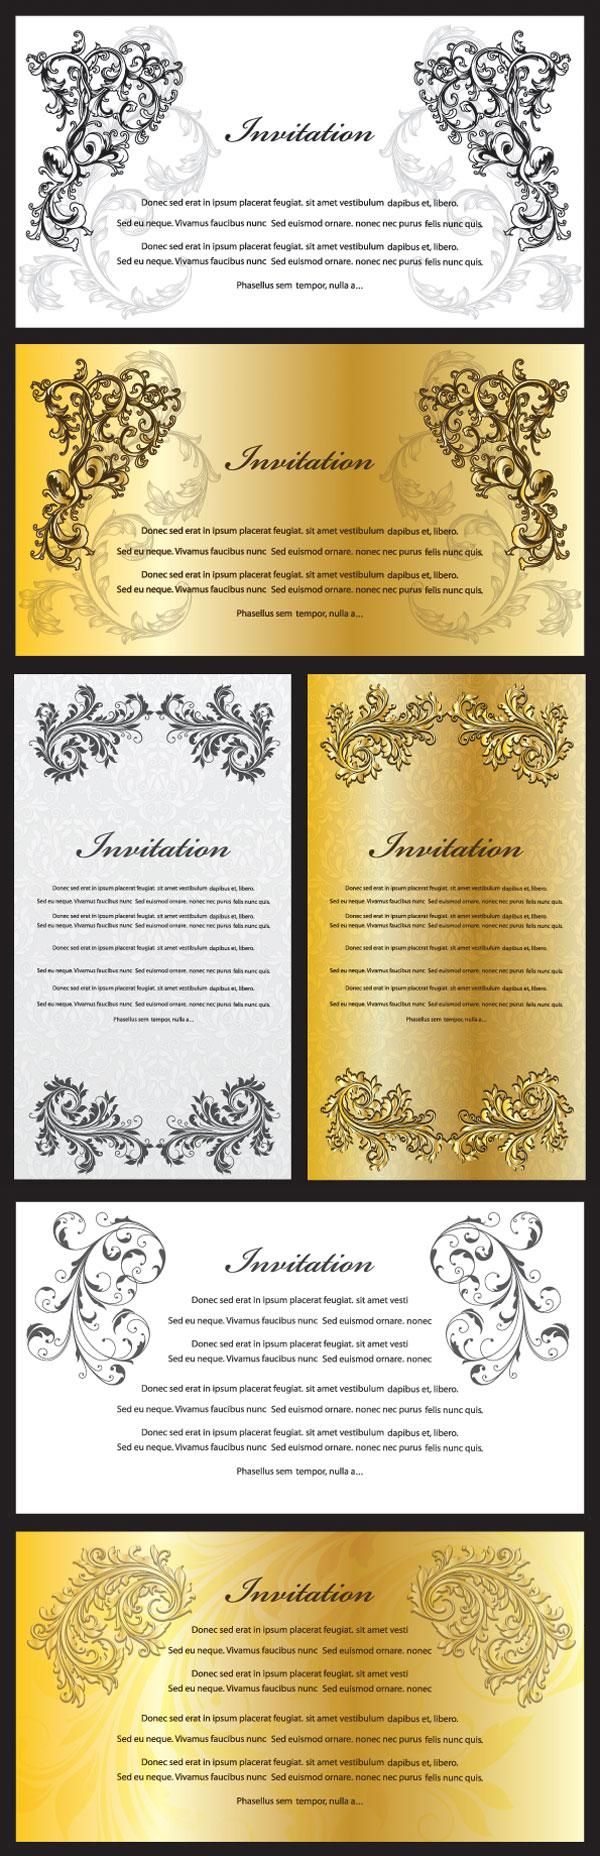 华丽的欧式花纹证书模板矢量素材,欧式,华丽,花纹,证书,模板,底纹